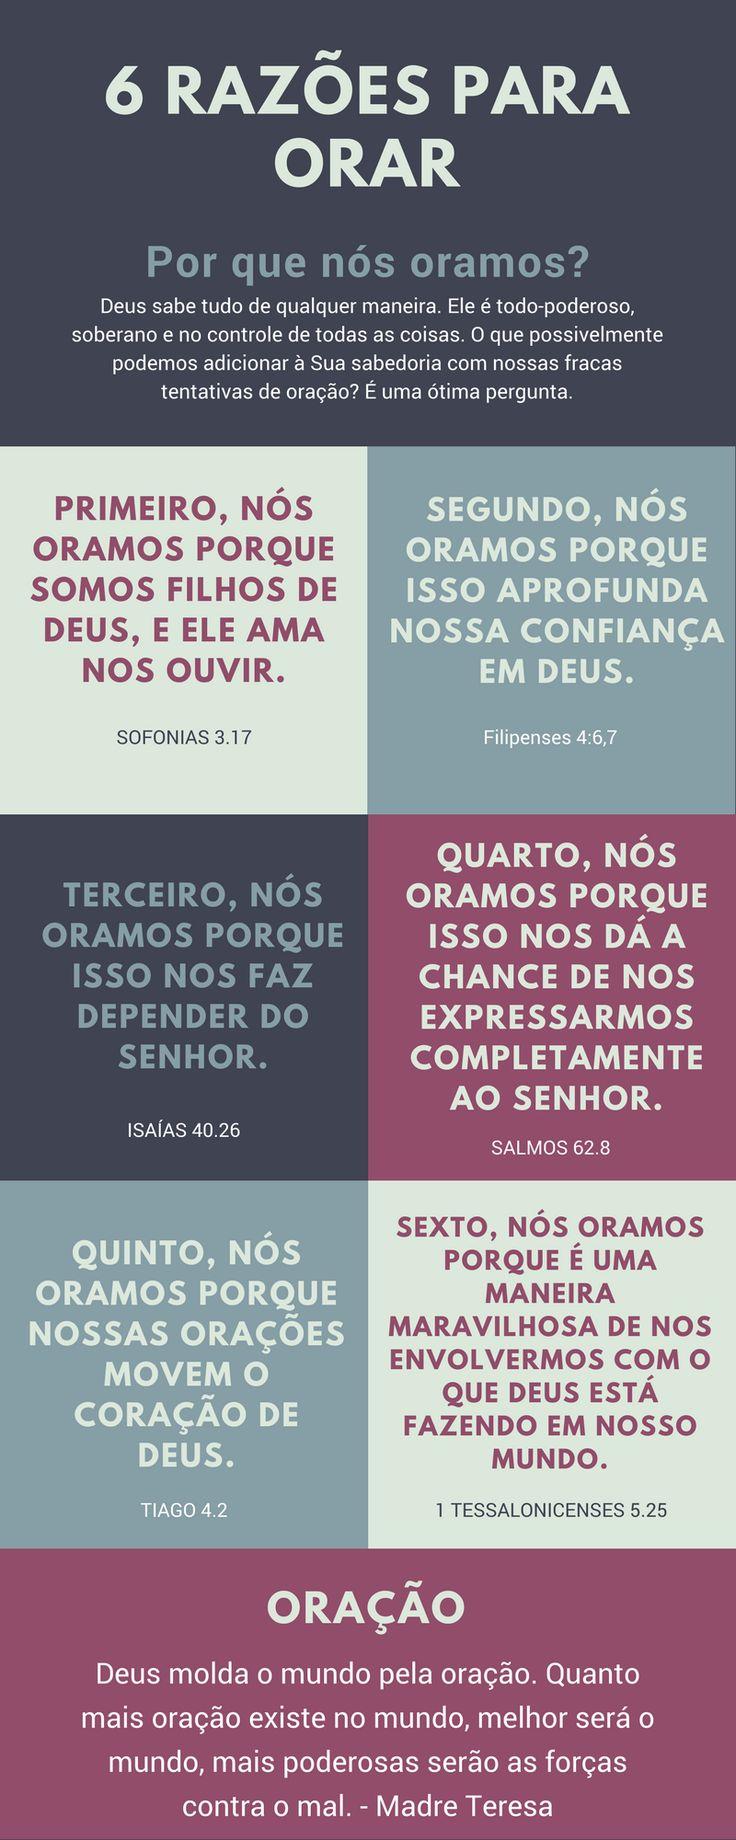 razões para orar; bíblia; oração; Deus